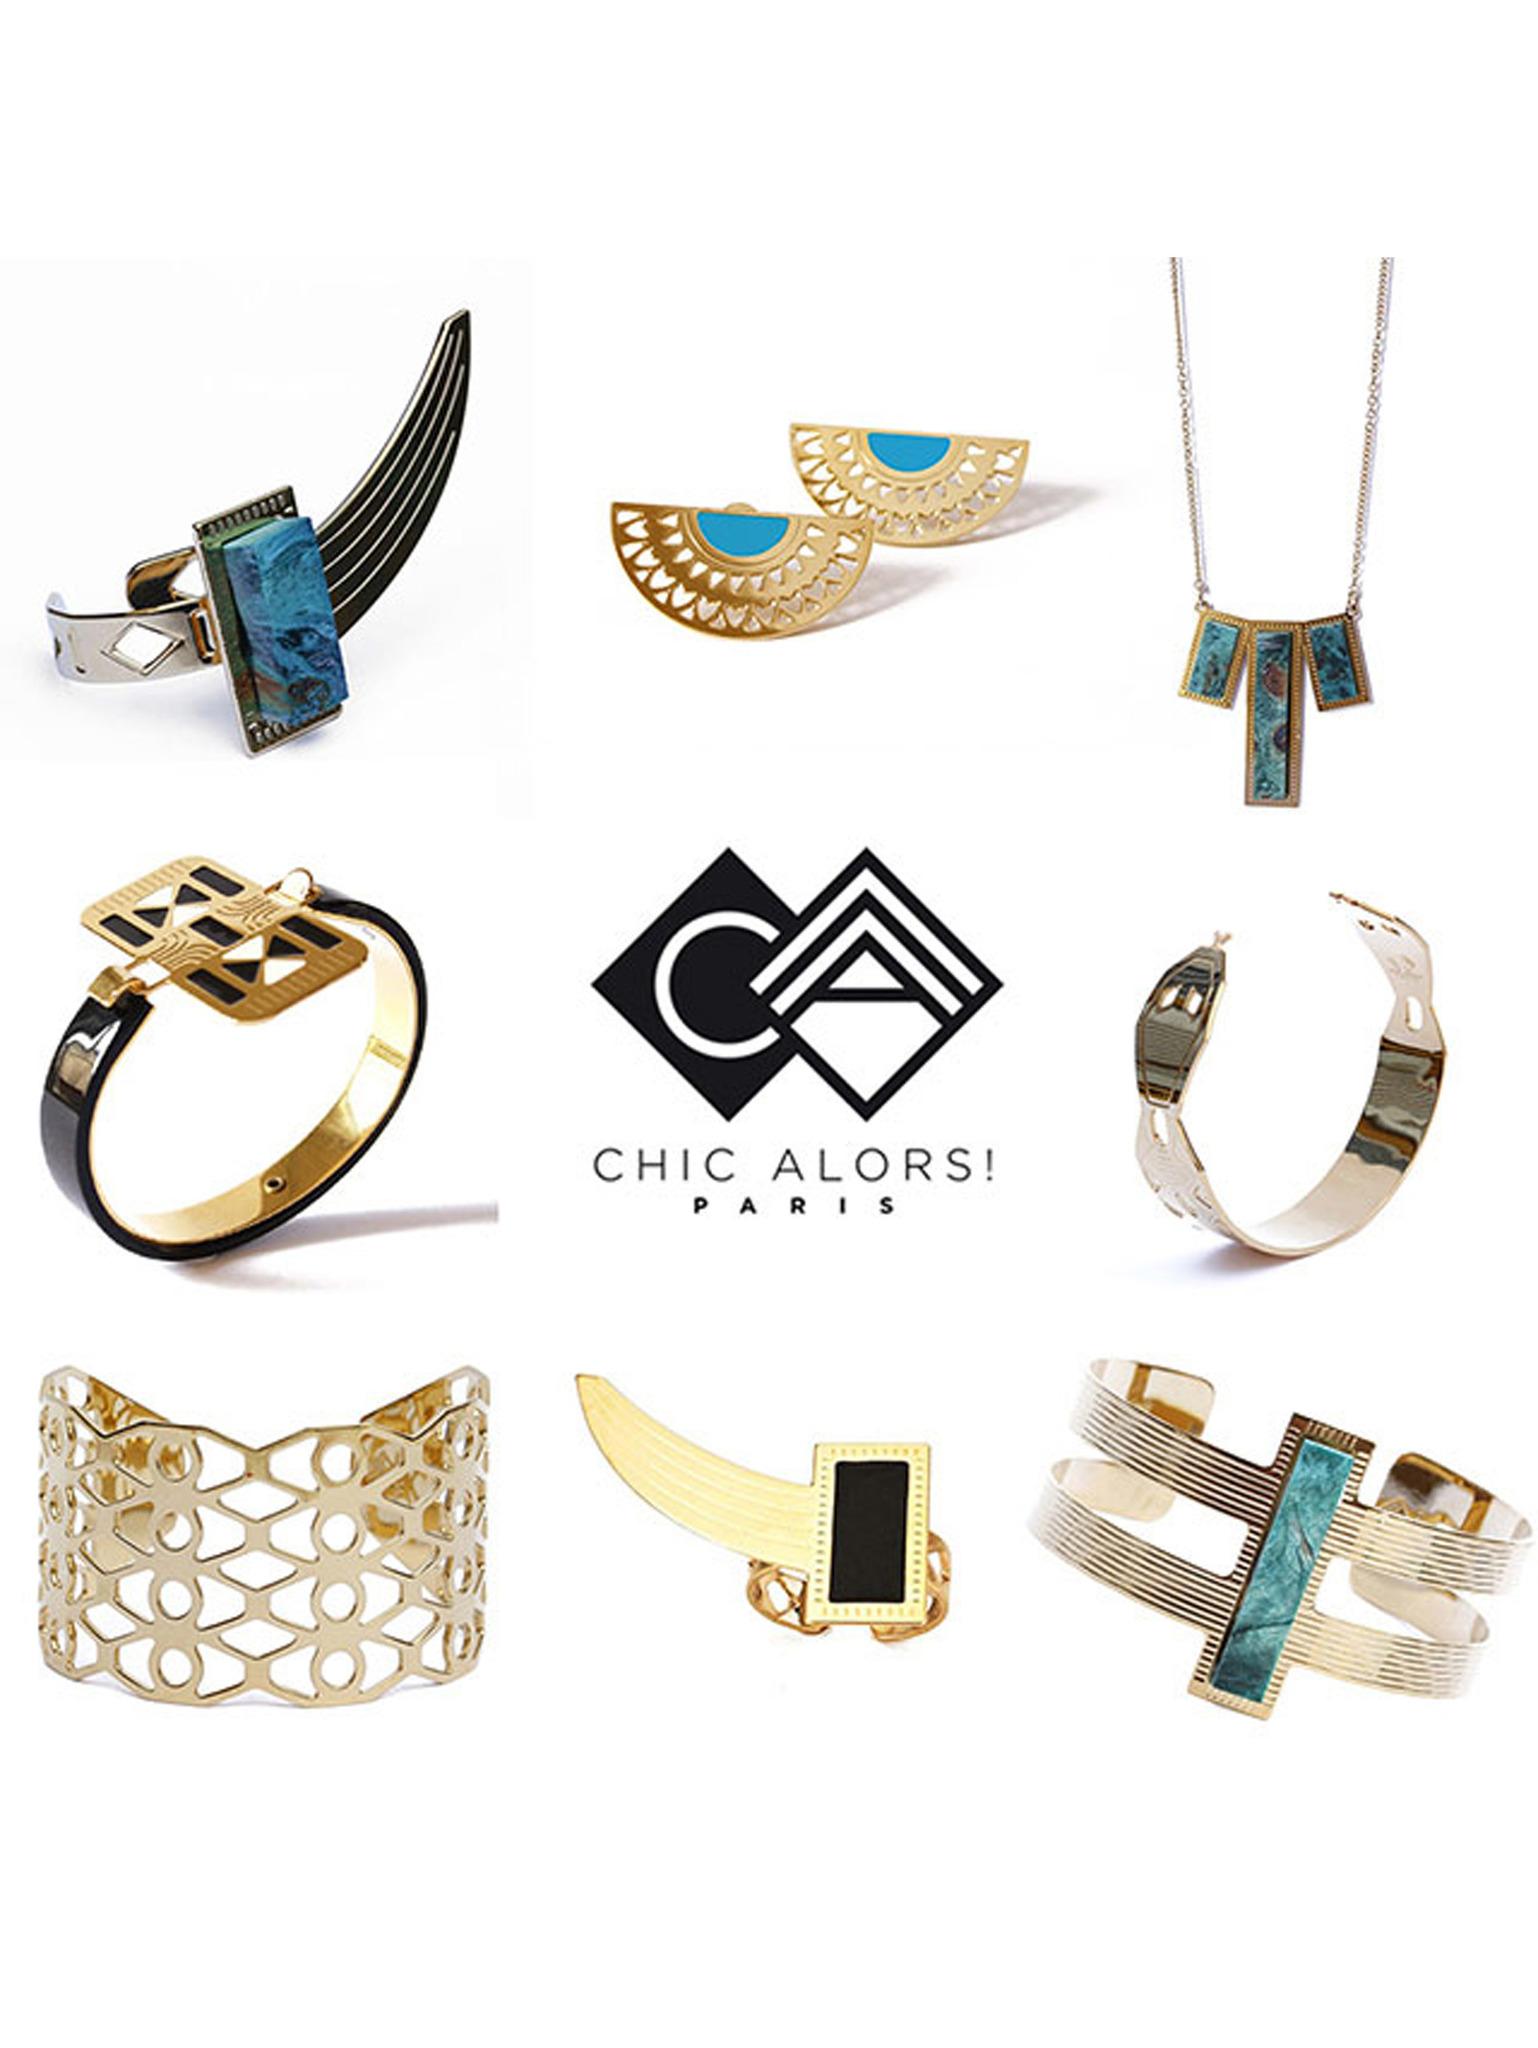 Встречайте новую коллекцию украшений от CHIC ALORS! Paris